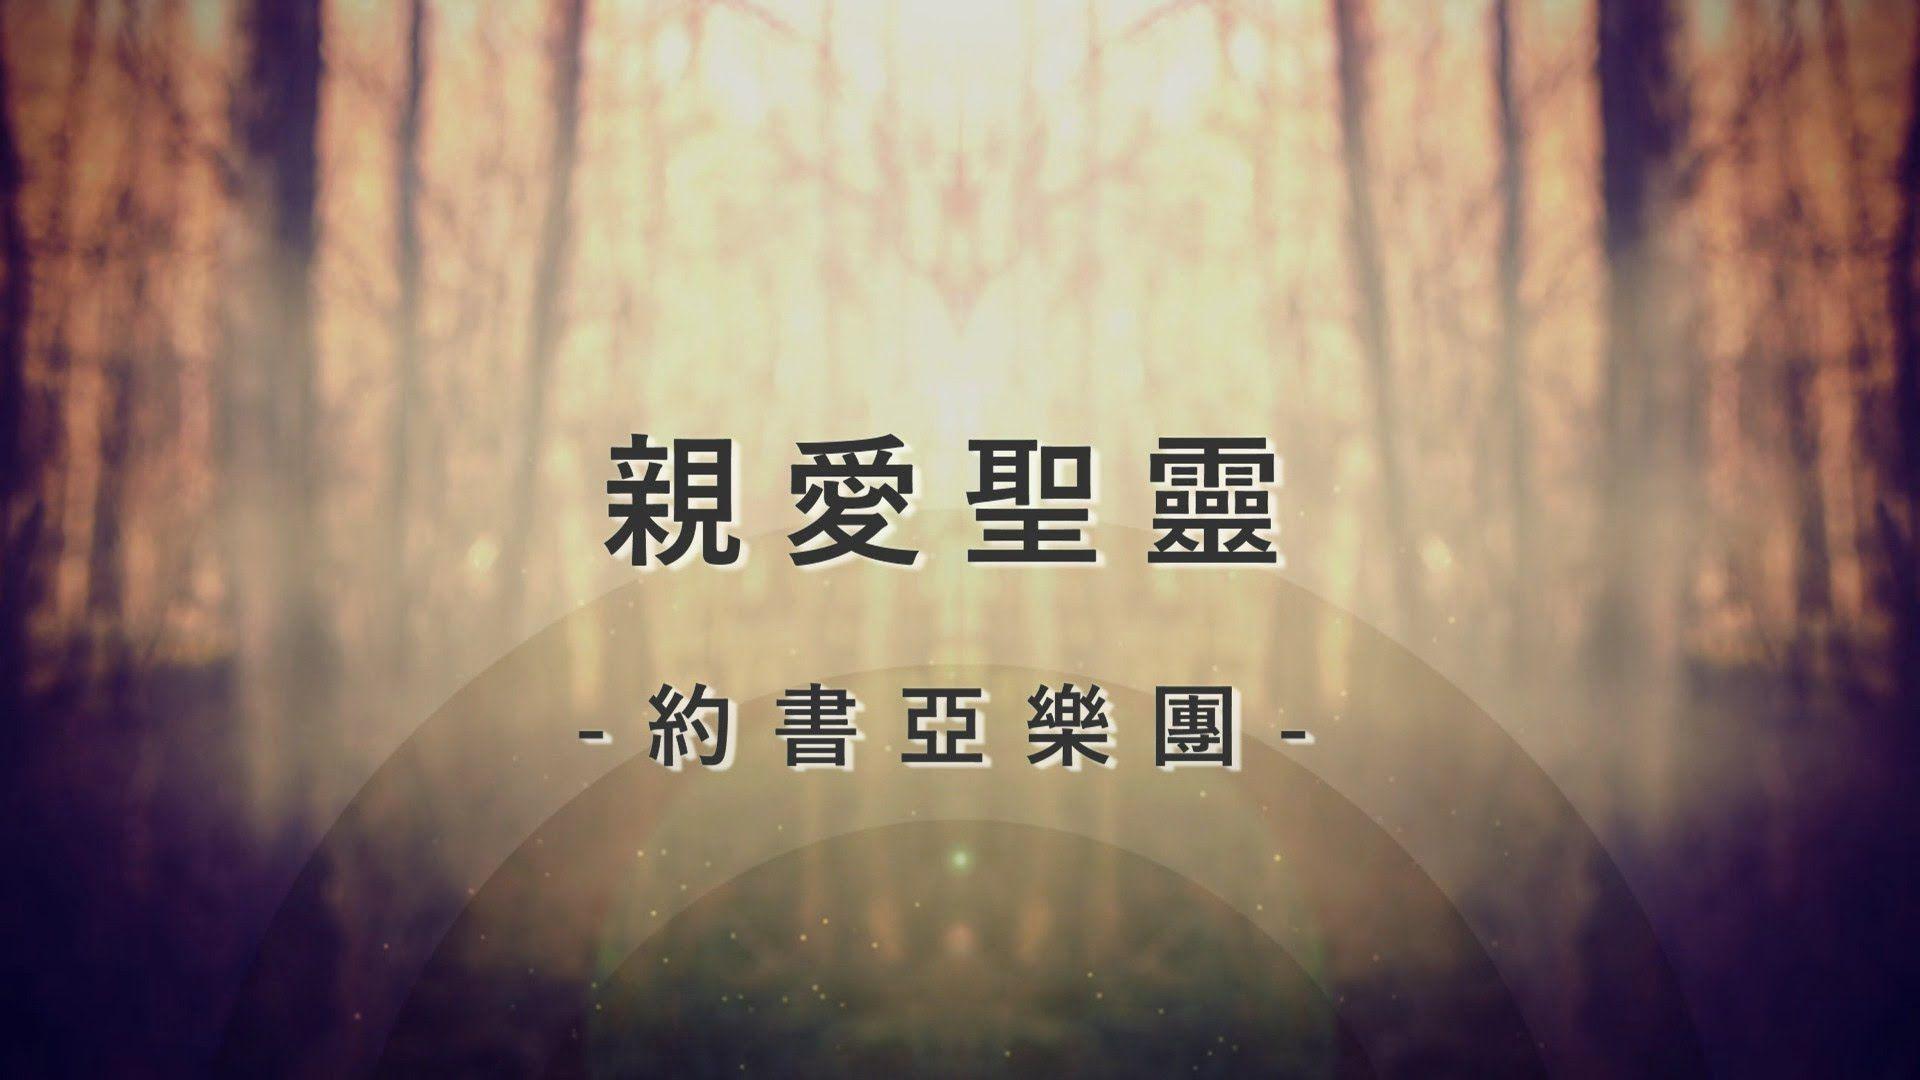 親愛聖靈 Holy Spirit [約書亞樂團專輯 - 雙膝跪下.觸摸天堂] | Company logo, Logos, Tech companies